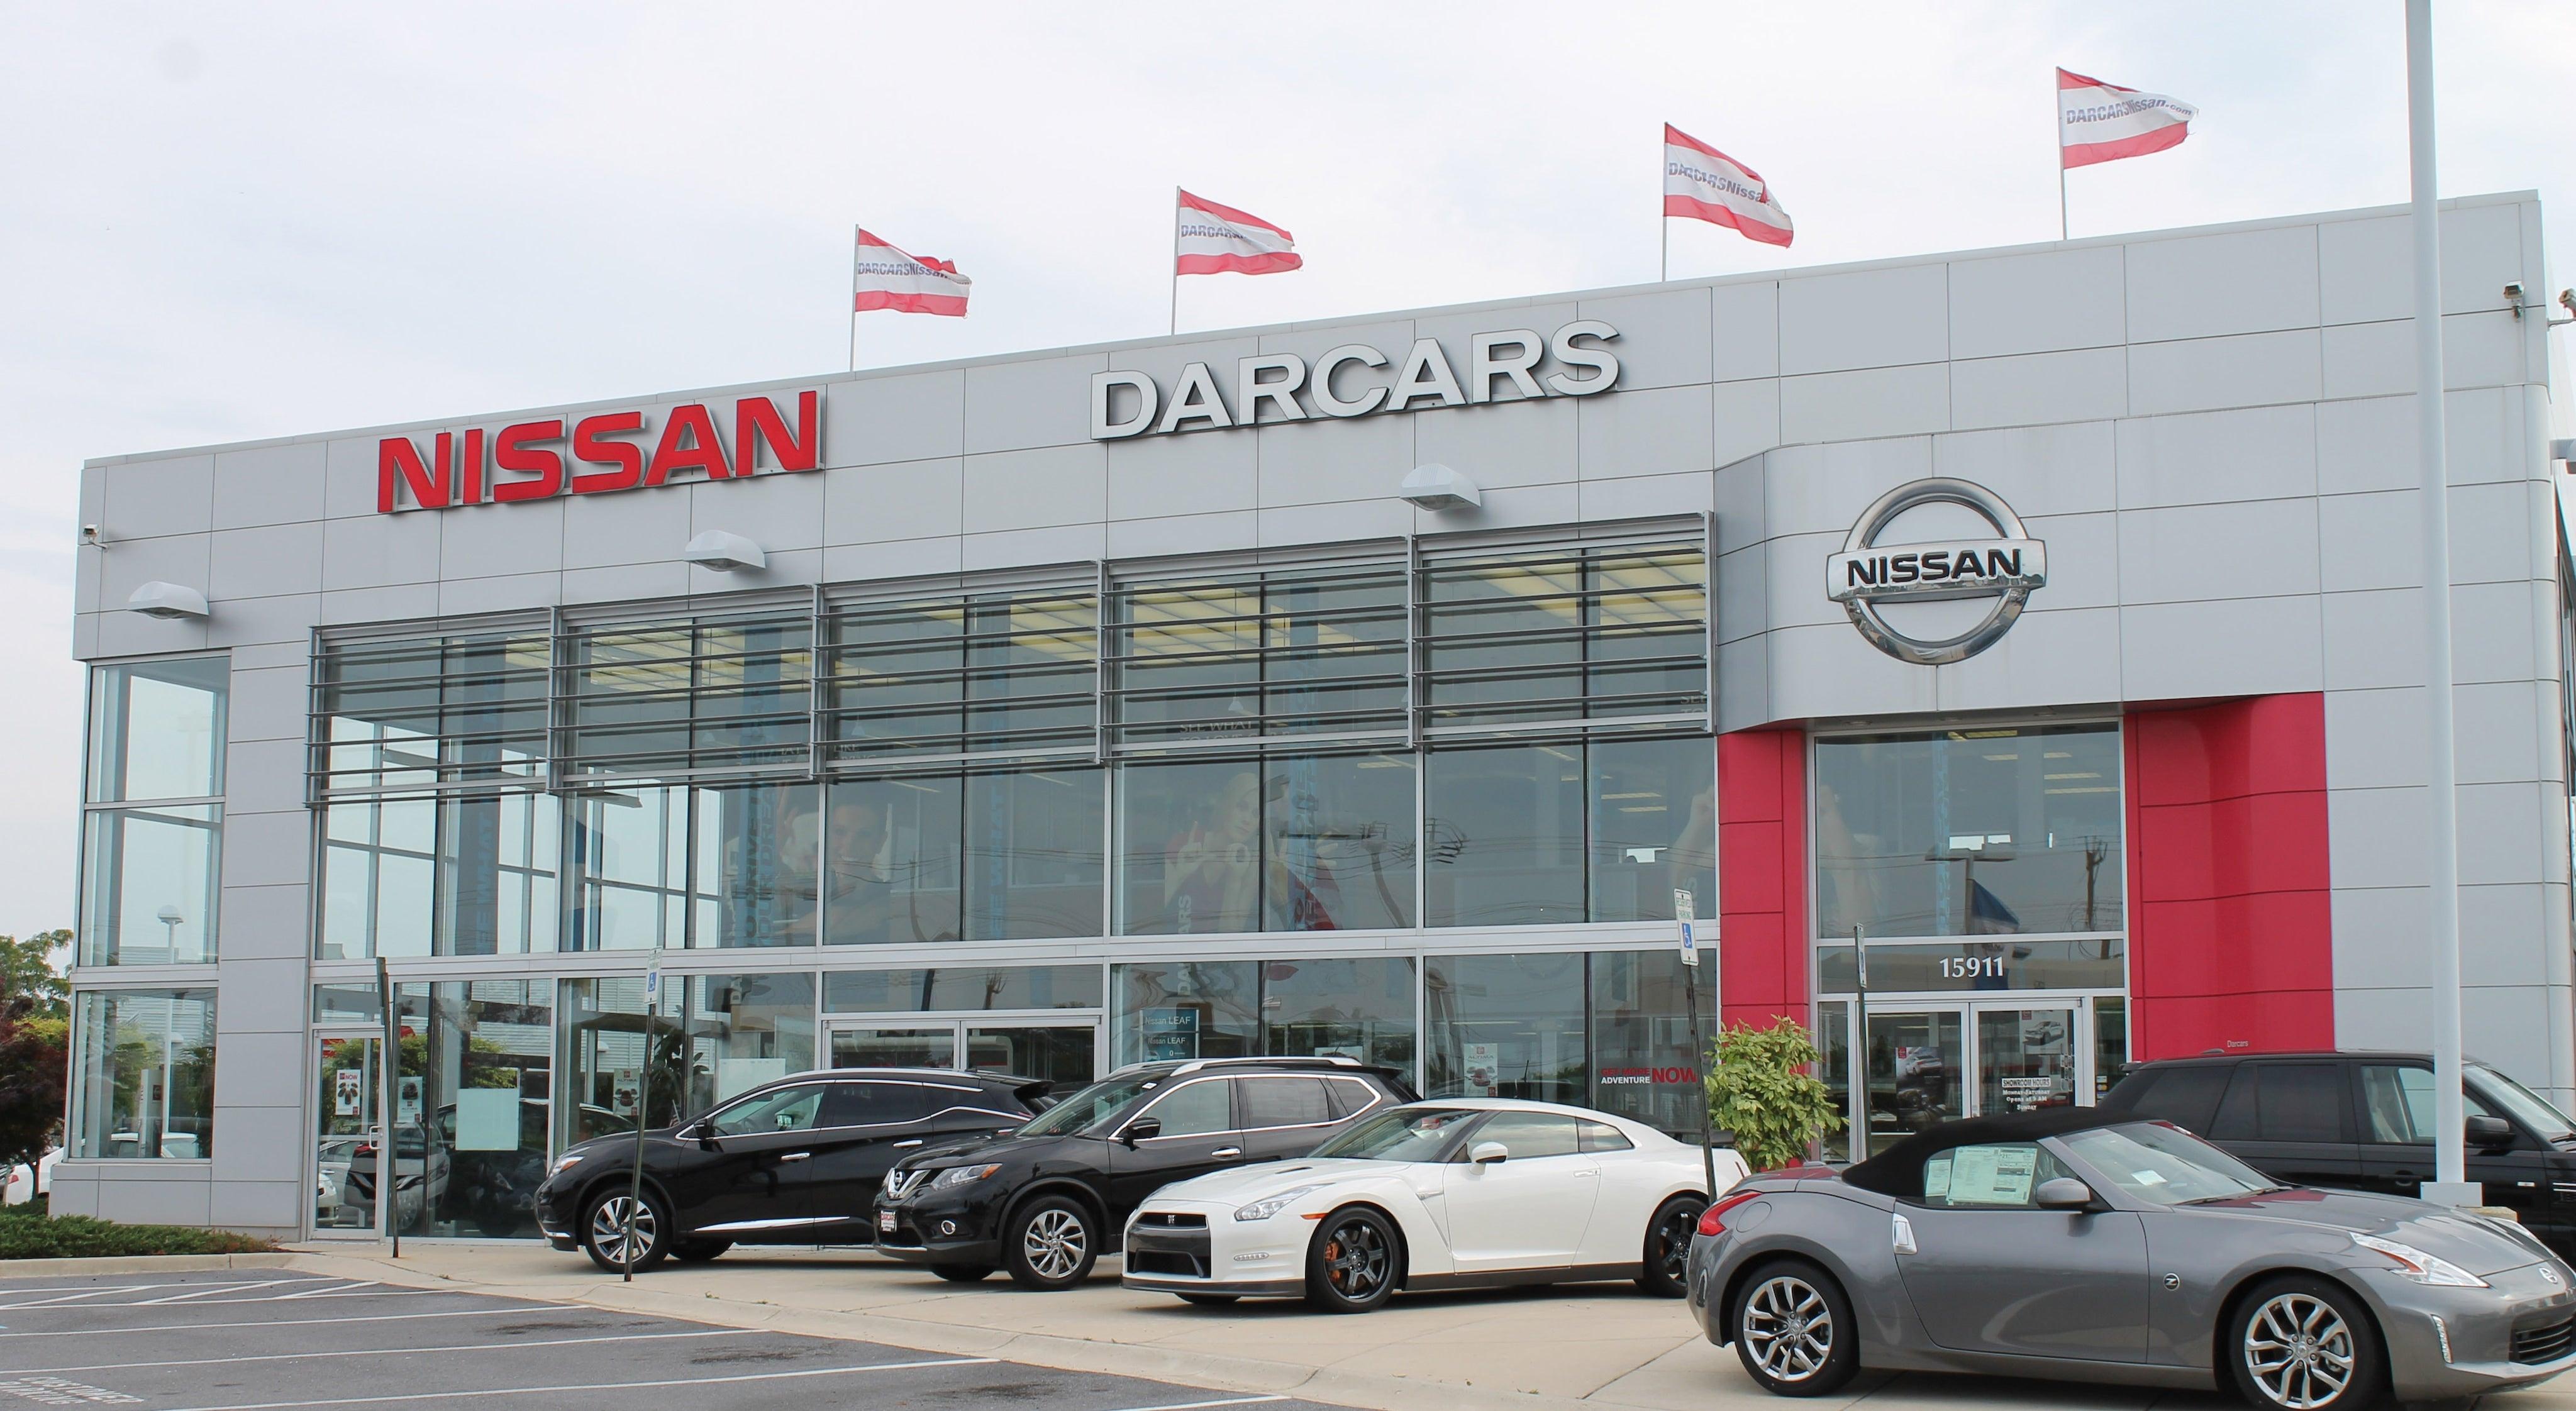 Nissan Dealer Information Nissan Dealership Rockville Md Darcars Nissan Rockville